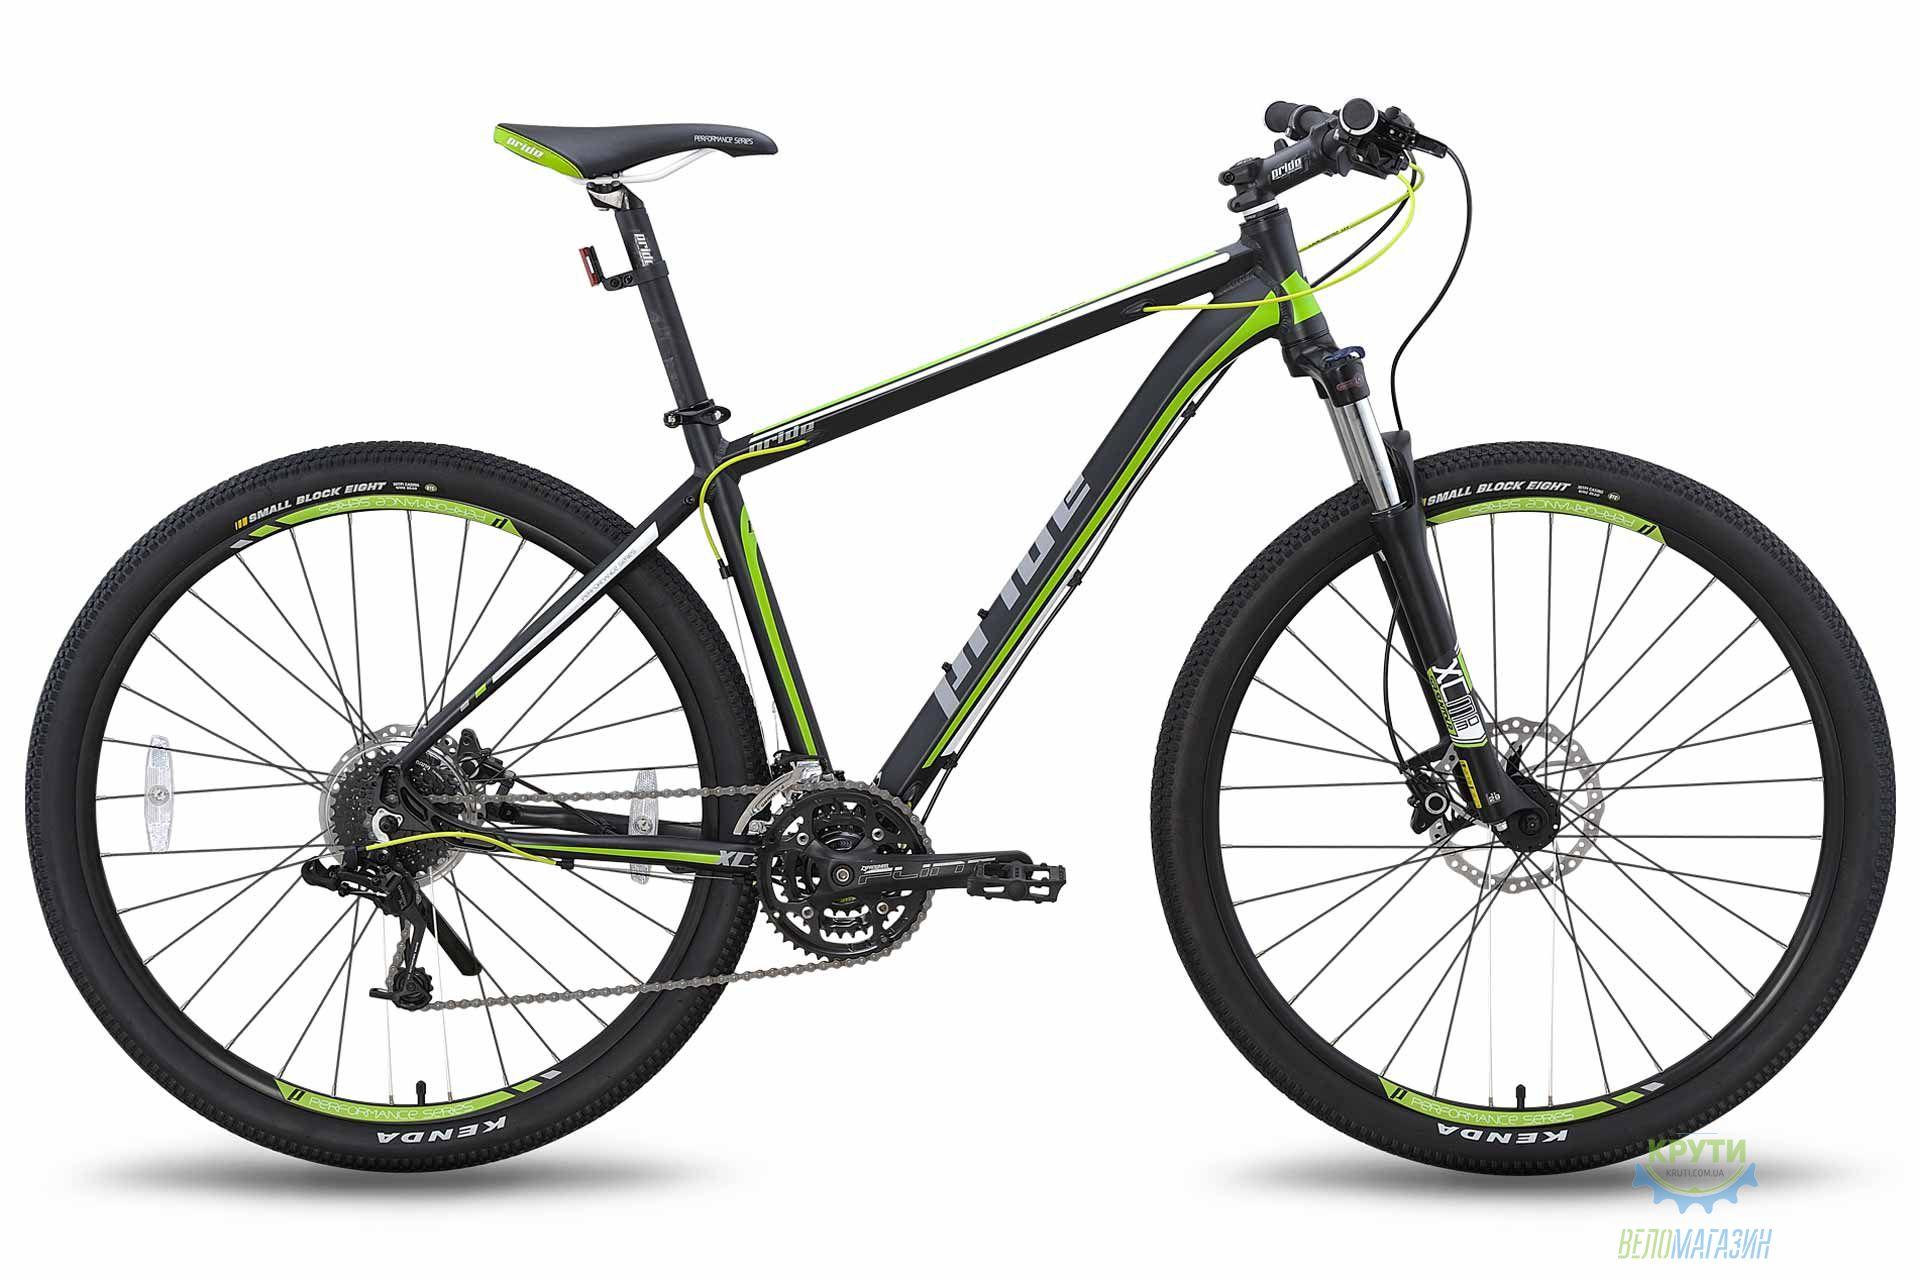 Велосипед 29; PRIDE XC-29 HD черно-зеленый матовый 2015